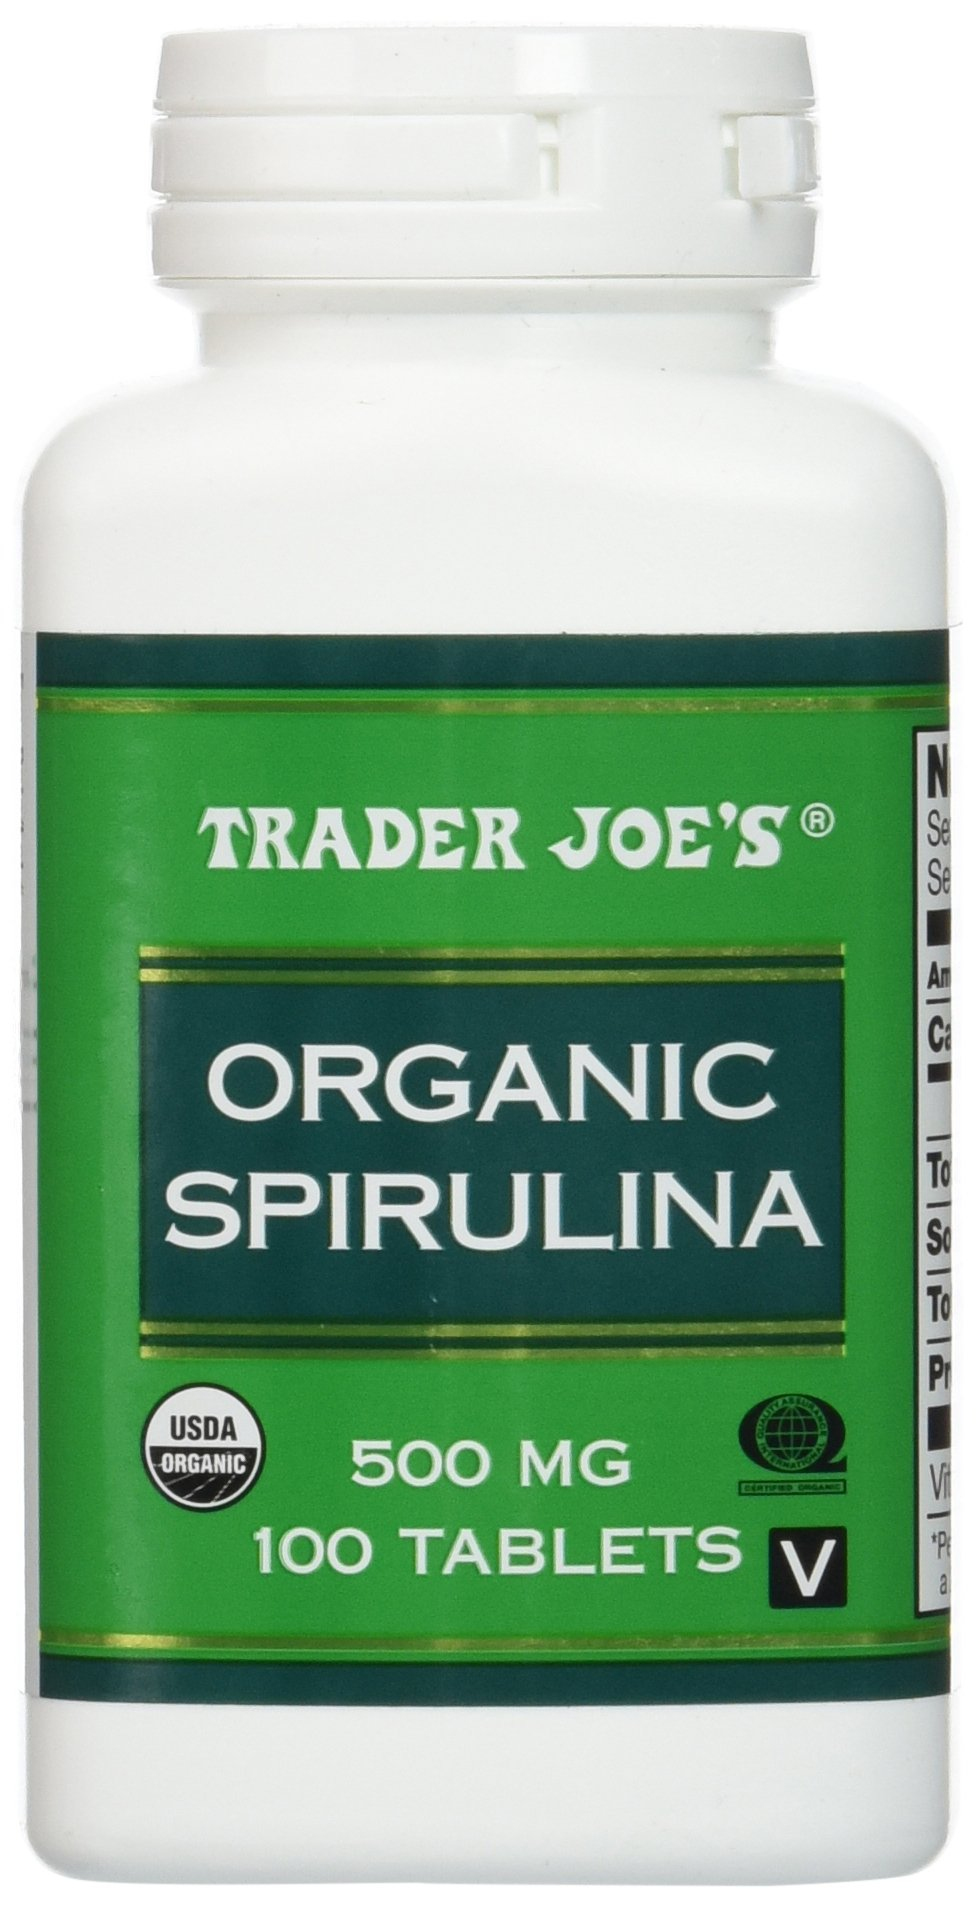 Trader Joe's Organic Spirulina 500mg, 100tablets